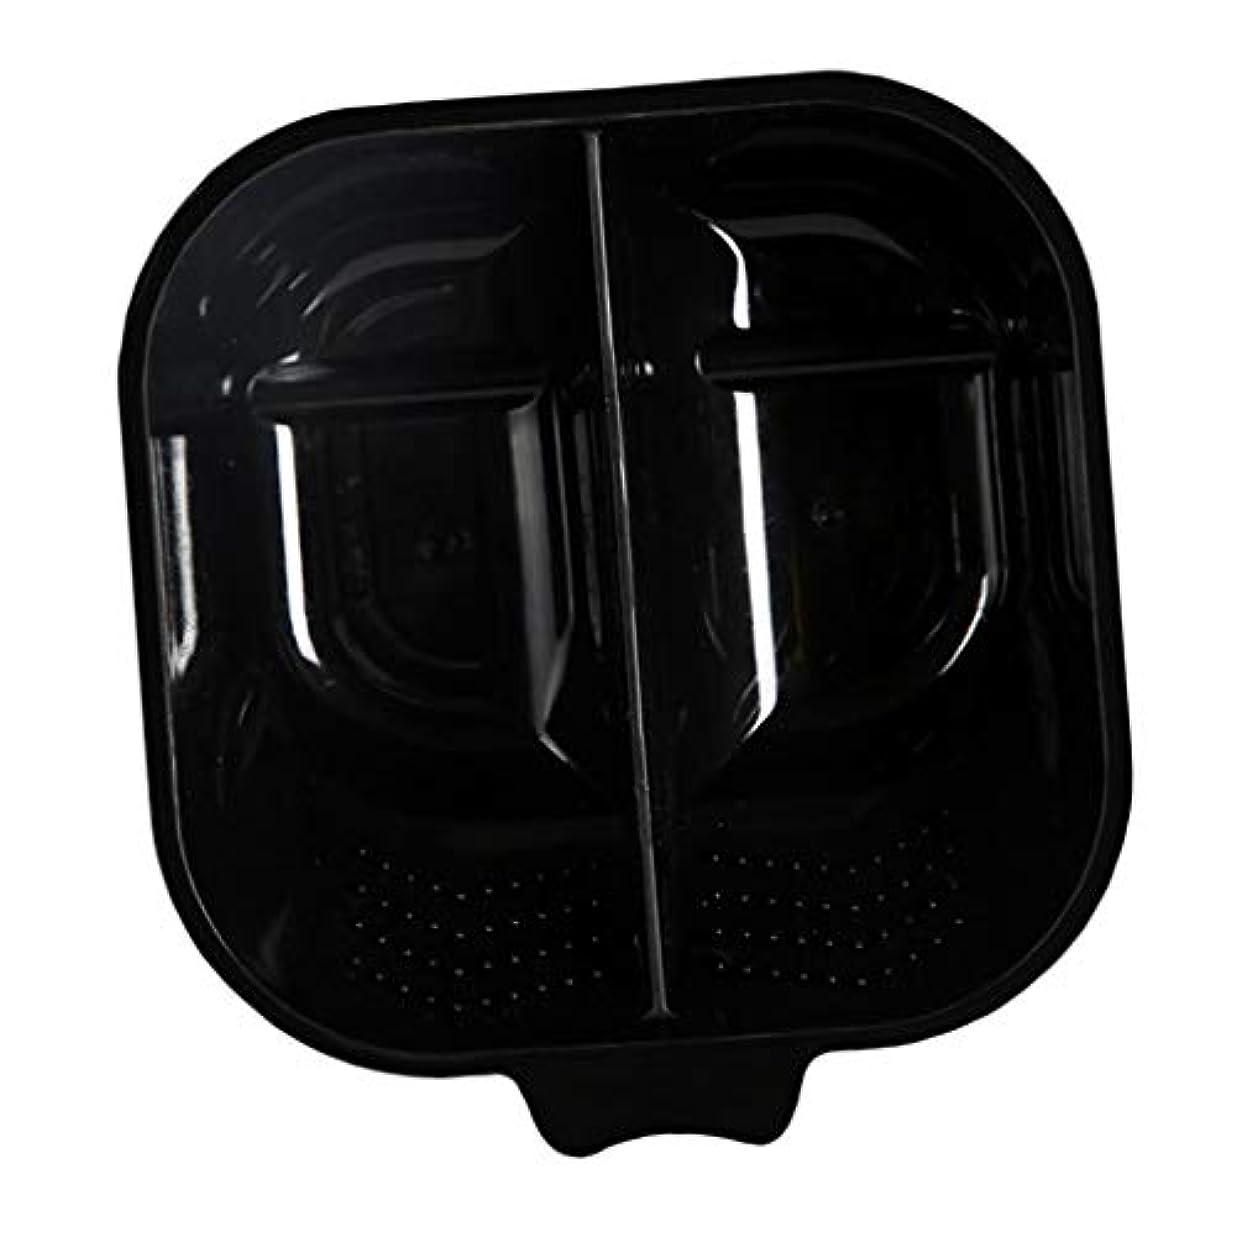 エールシングルまっすぐヘアカラーリング用品 ヘアカラーボウル ヘアカラープレート 毛染め 染料 混ぜる サロン プロ用品 - ブラック